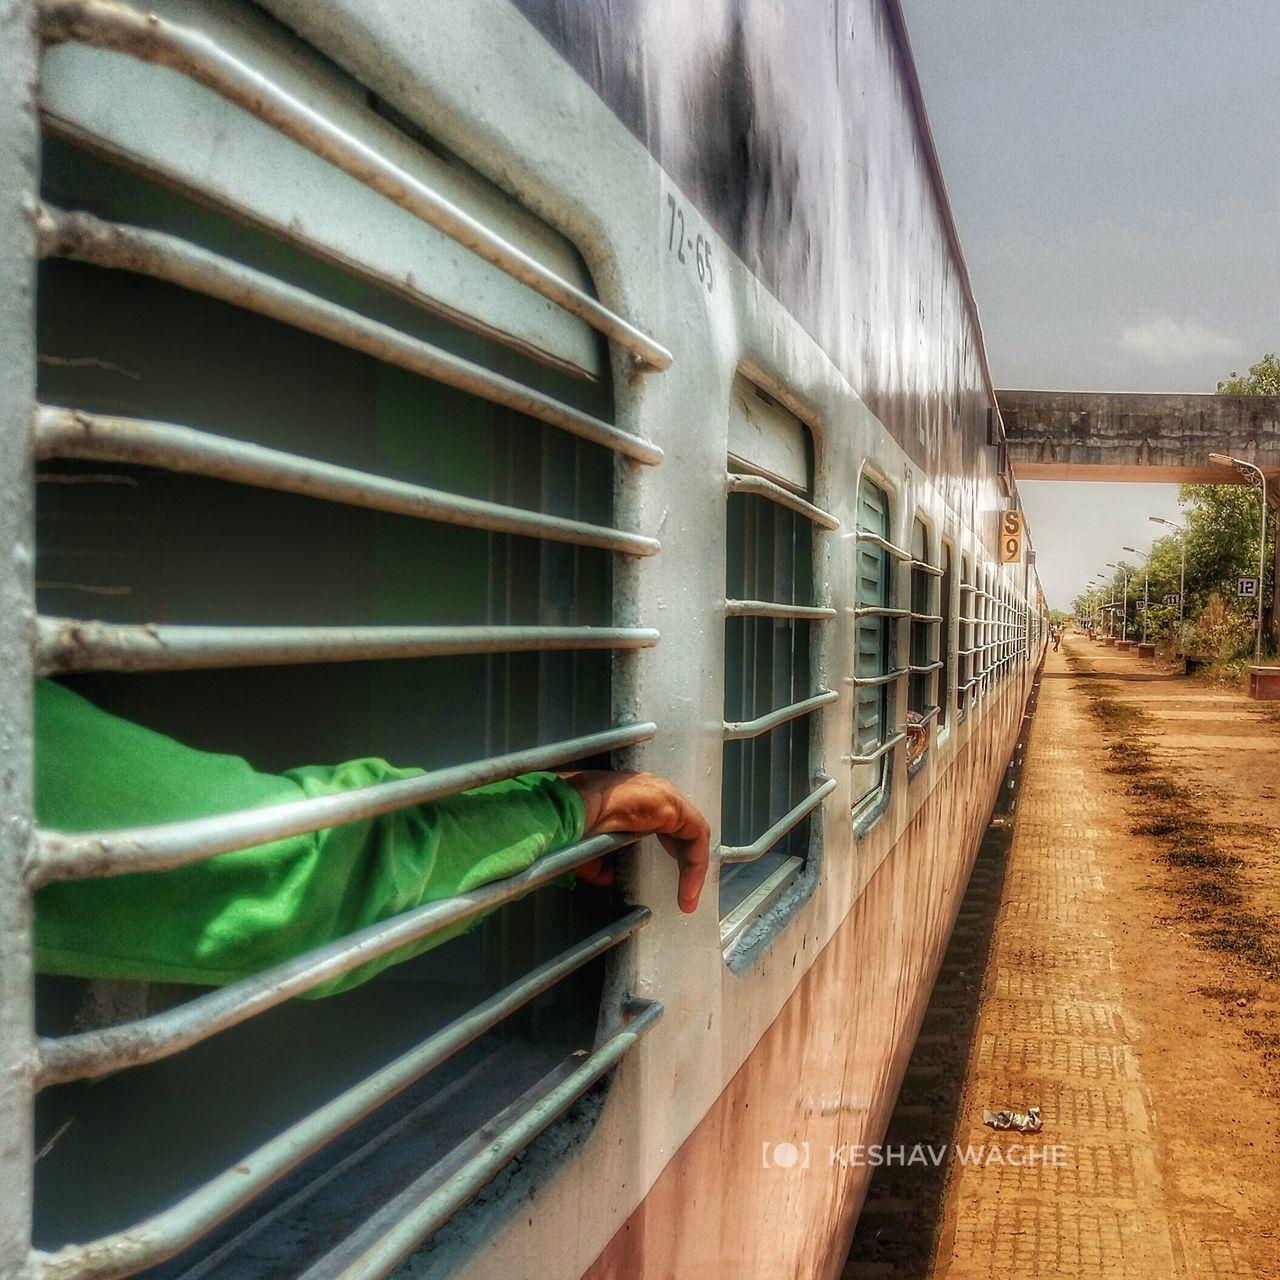 Indian railway Train Train Tracks Train Station Trainphotography Indianphotographer Indiantrains Indianrailwaystation Indianrailwaysdiaries